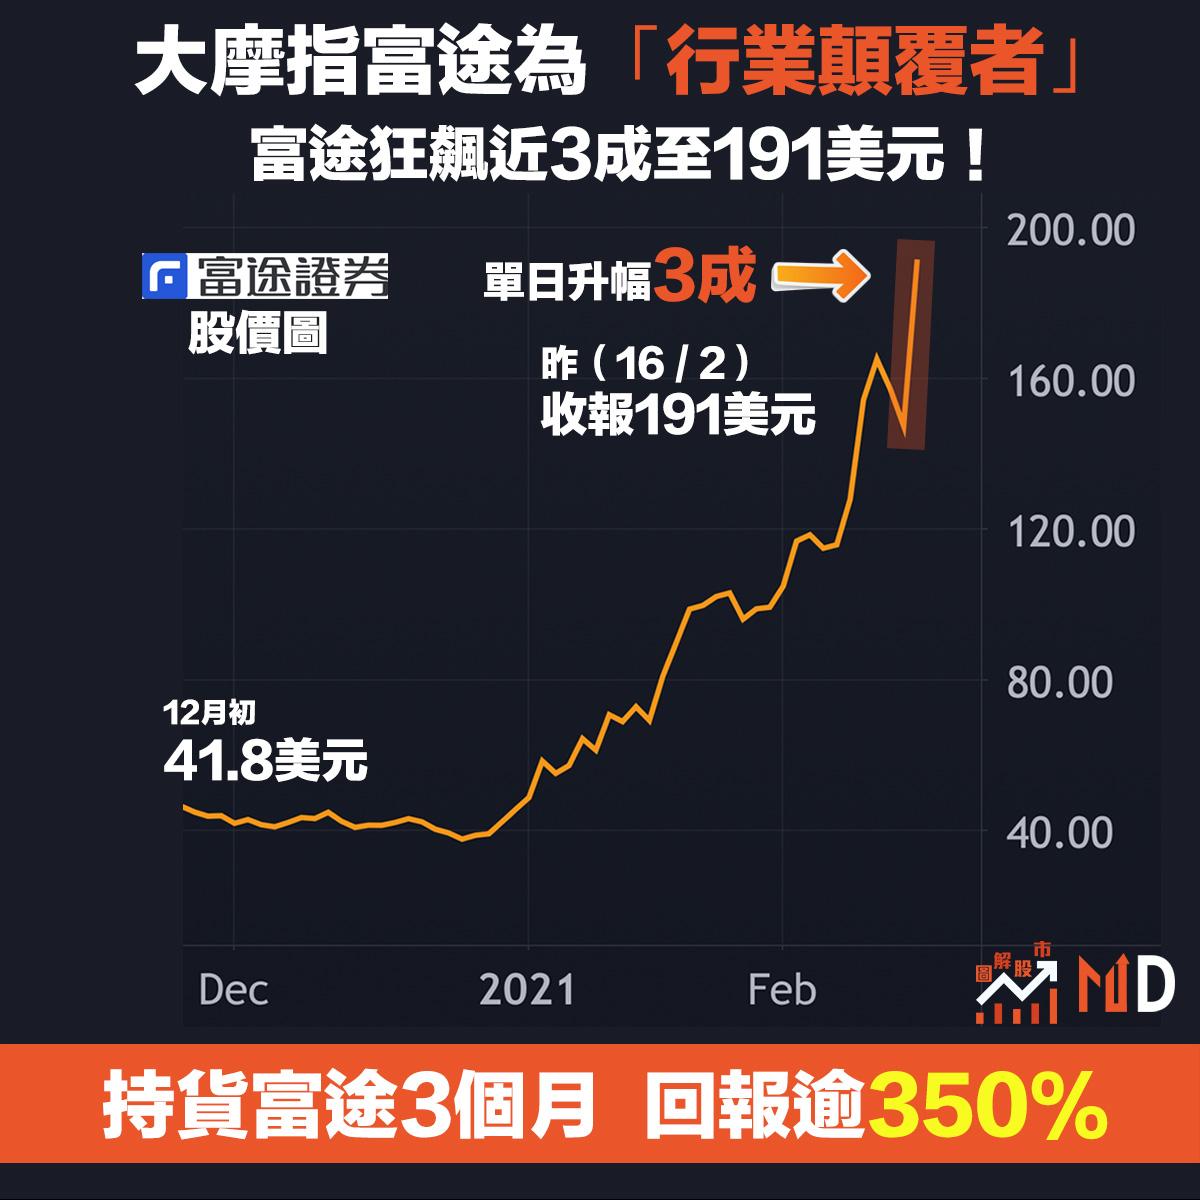 【#圖解股市】大摩指富途為「行業顛覆者」,富途狂飆近3成至191美元!